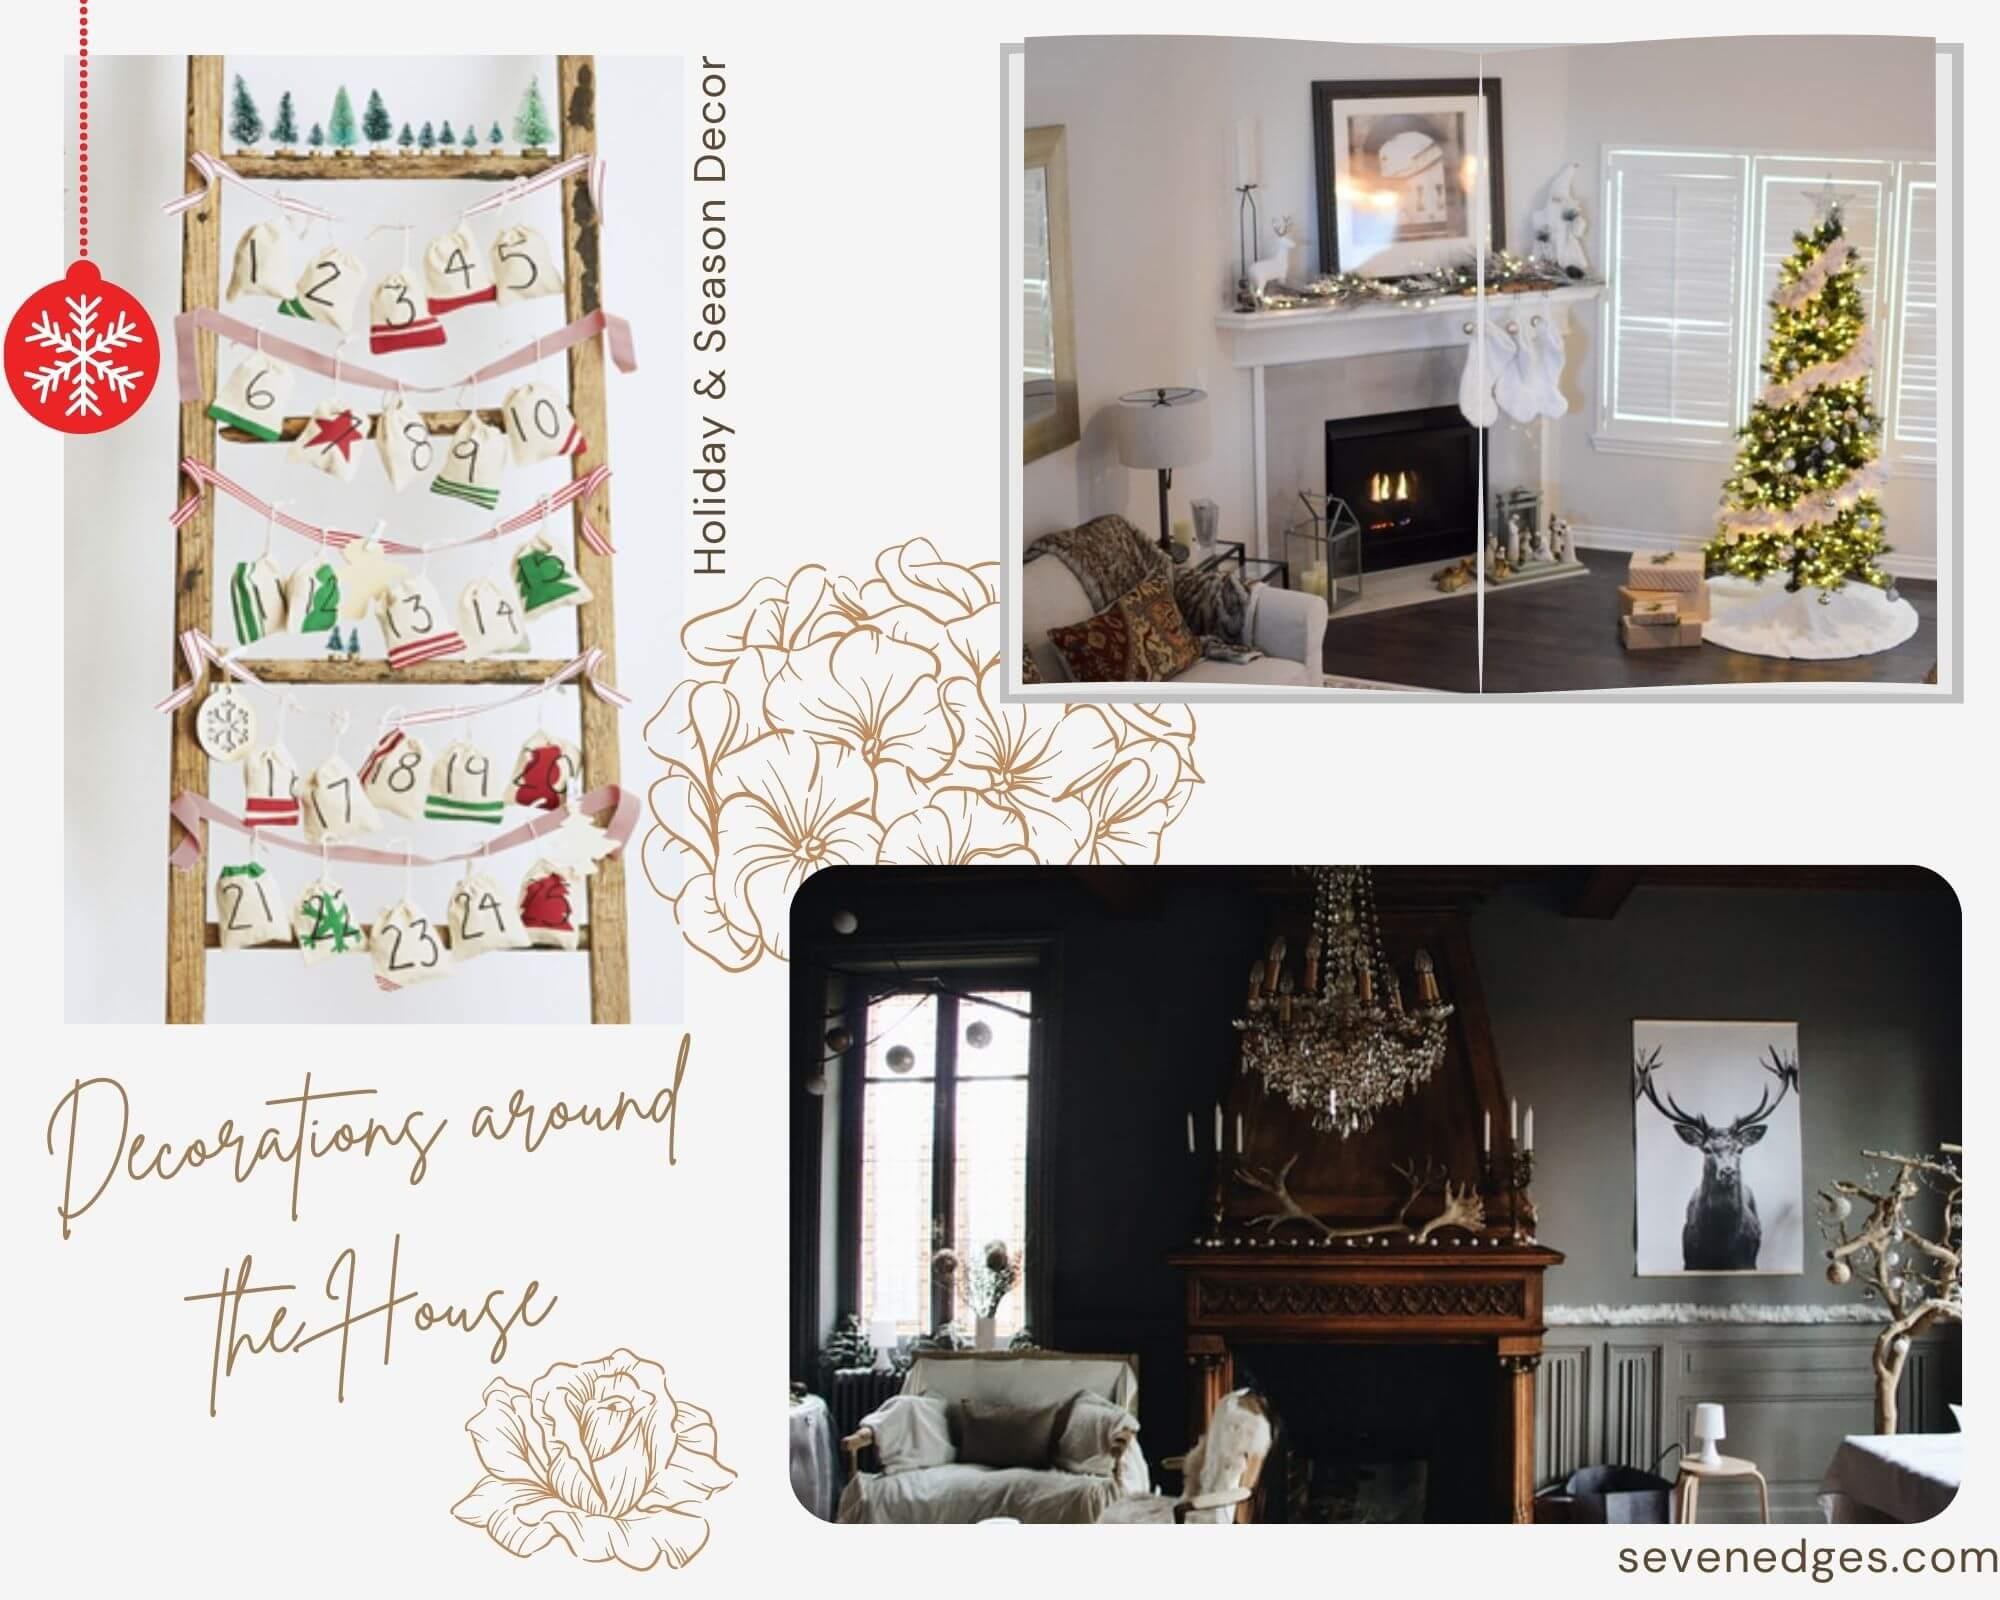 Holiday and Season Décor